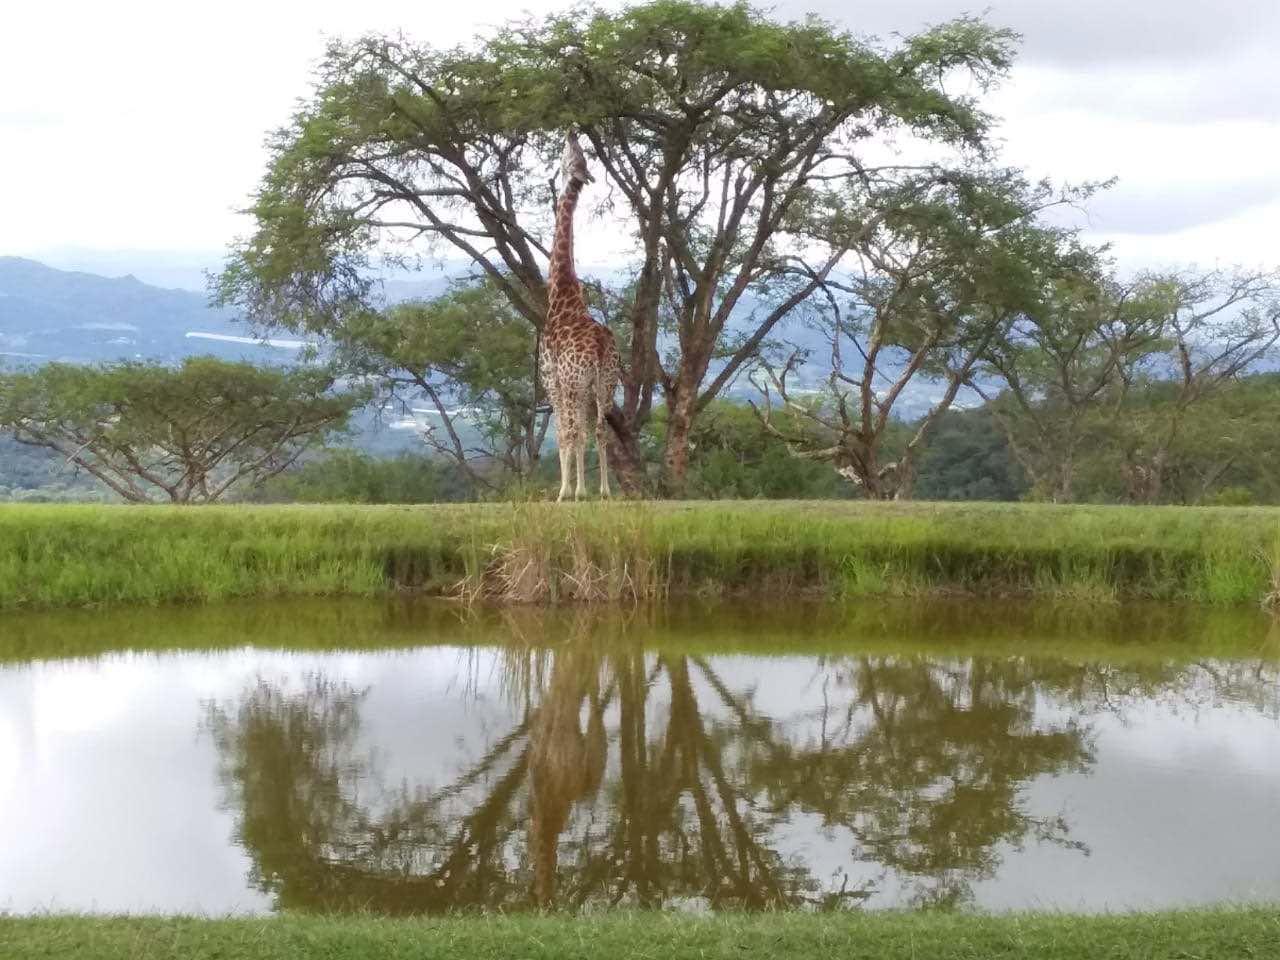 Giraffe_Muluwa_Lodge_Mpumalanga_WhiteRiver